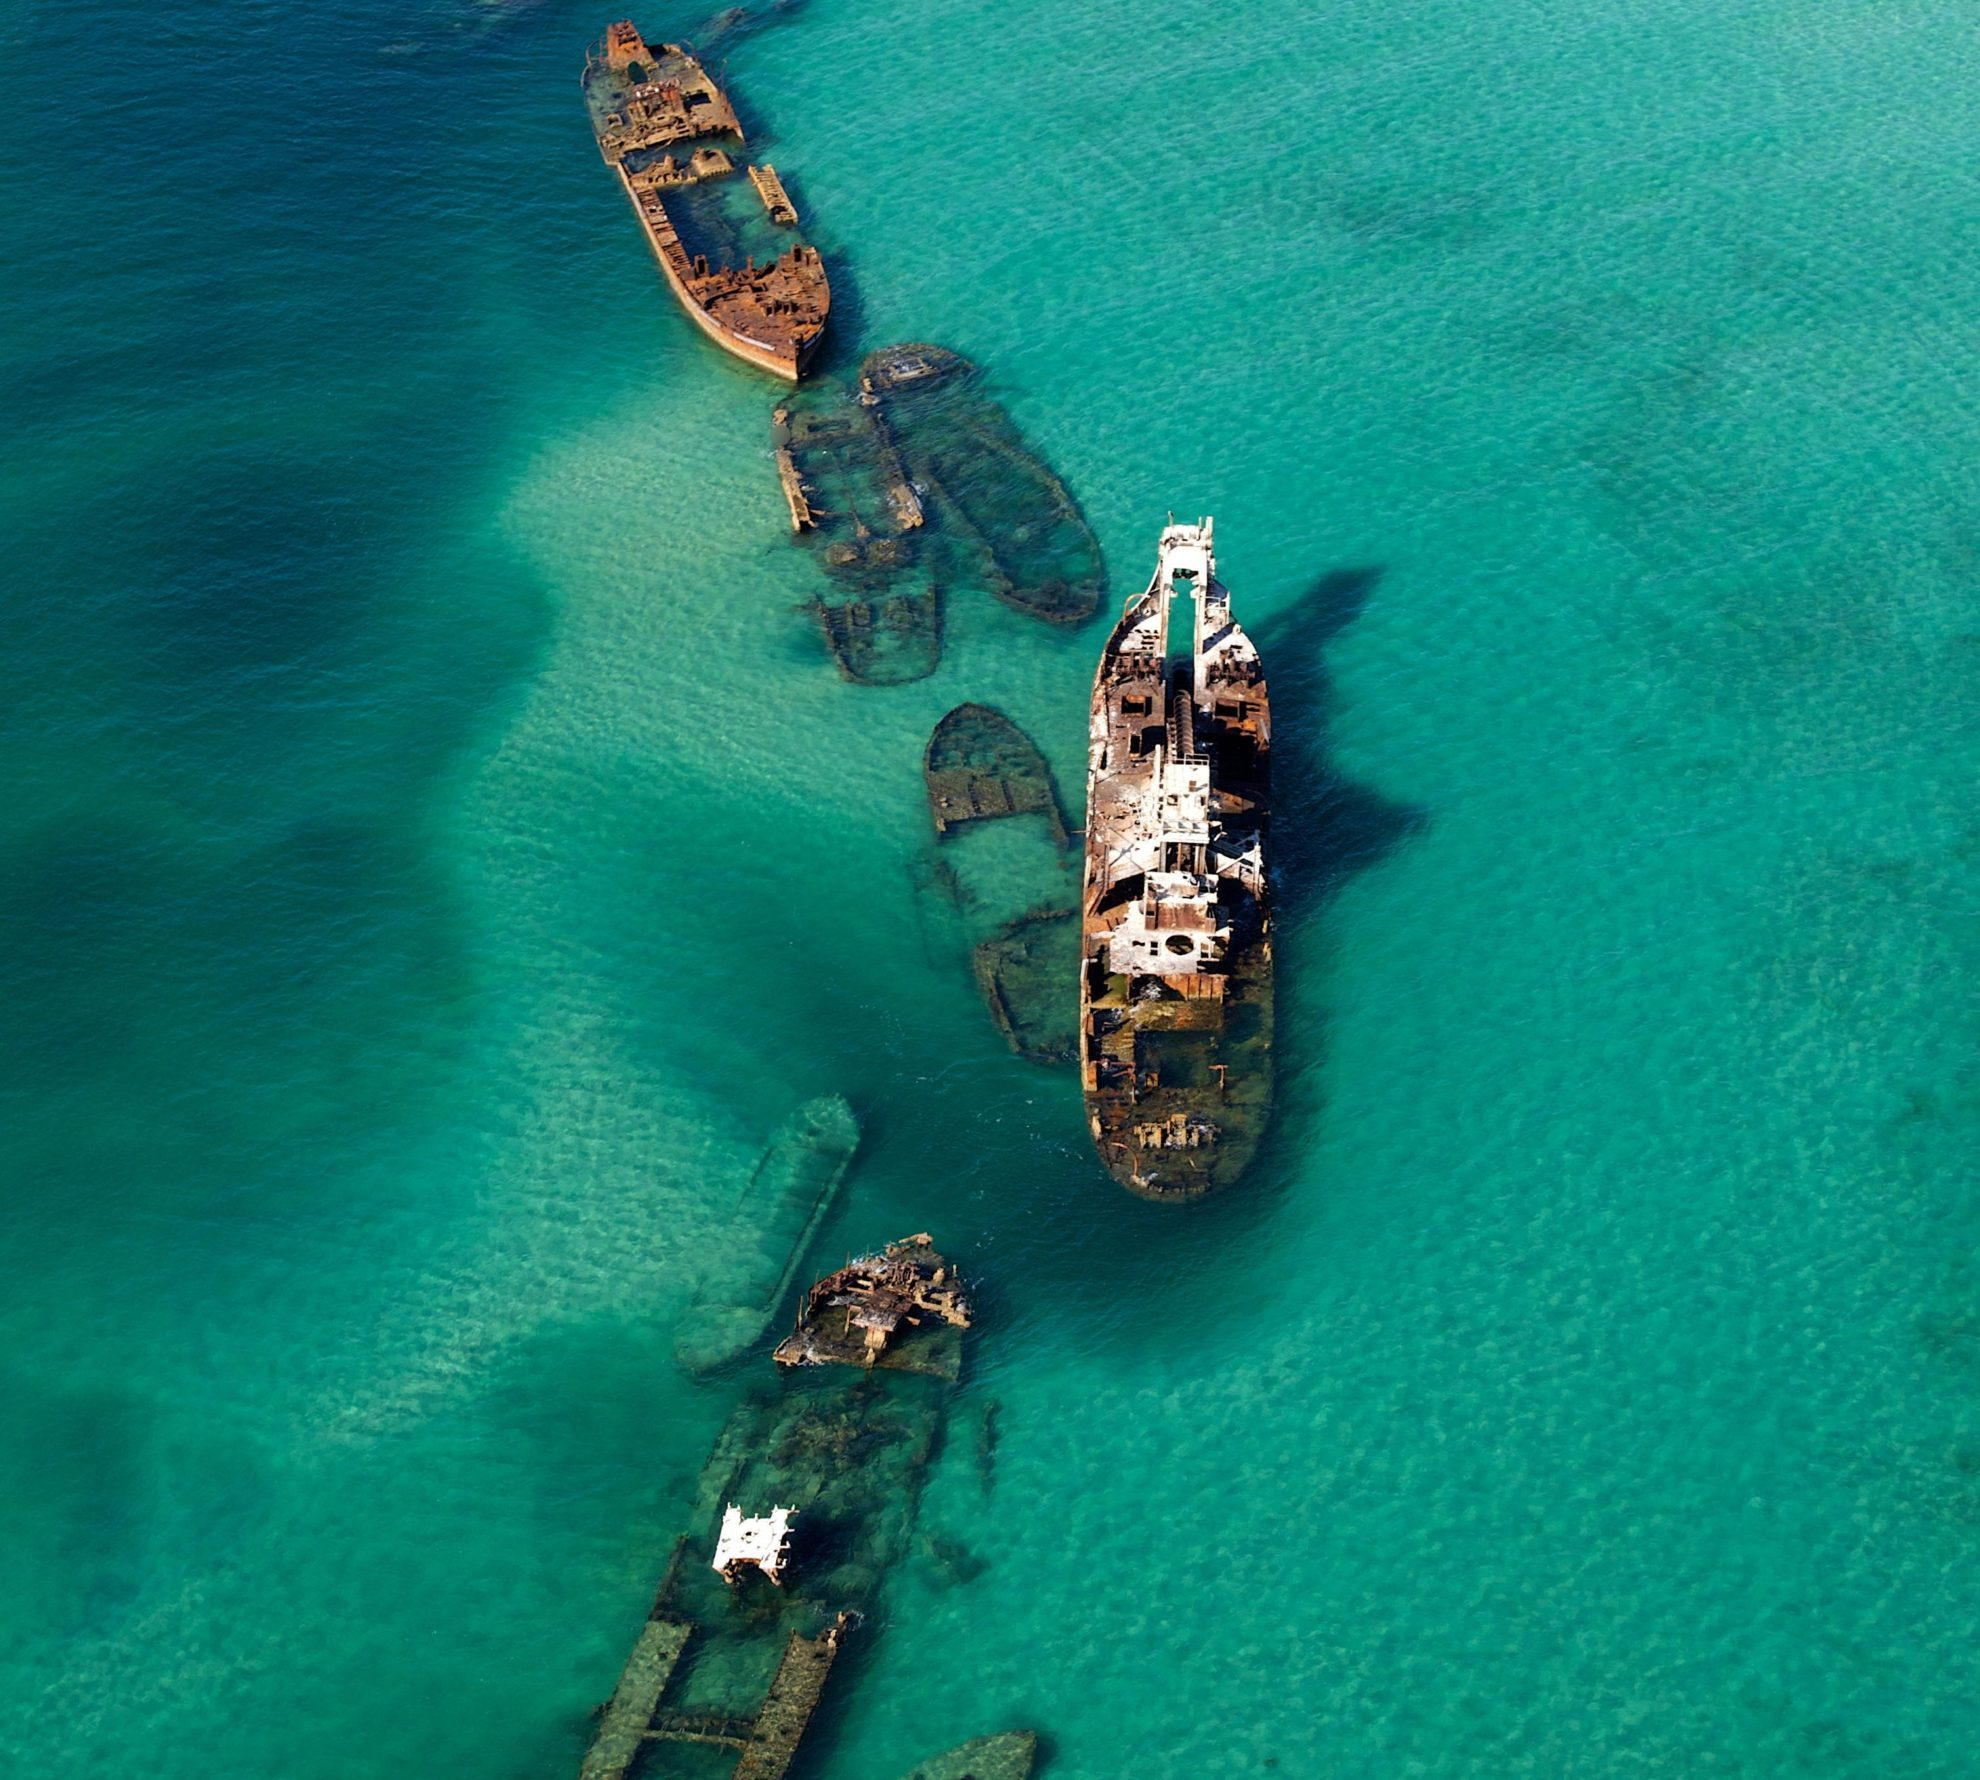 Останки кораблей на дне в районе Бермудского треугольника.